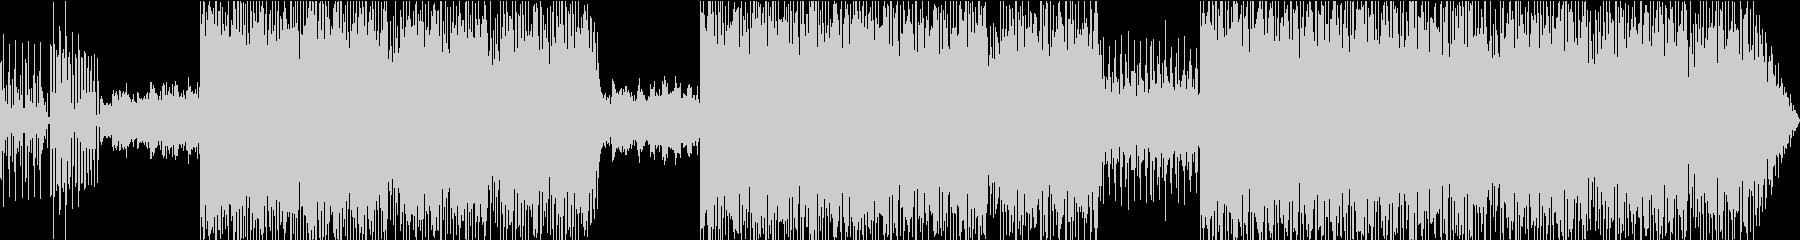 ファンキーなエレクトロビートの未再生の波形